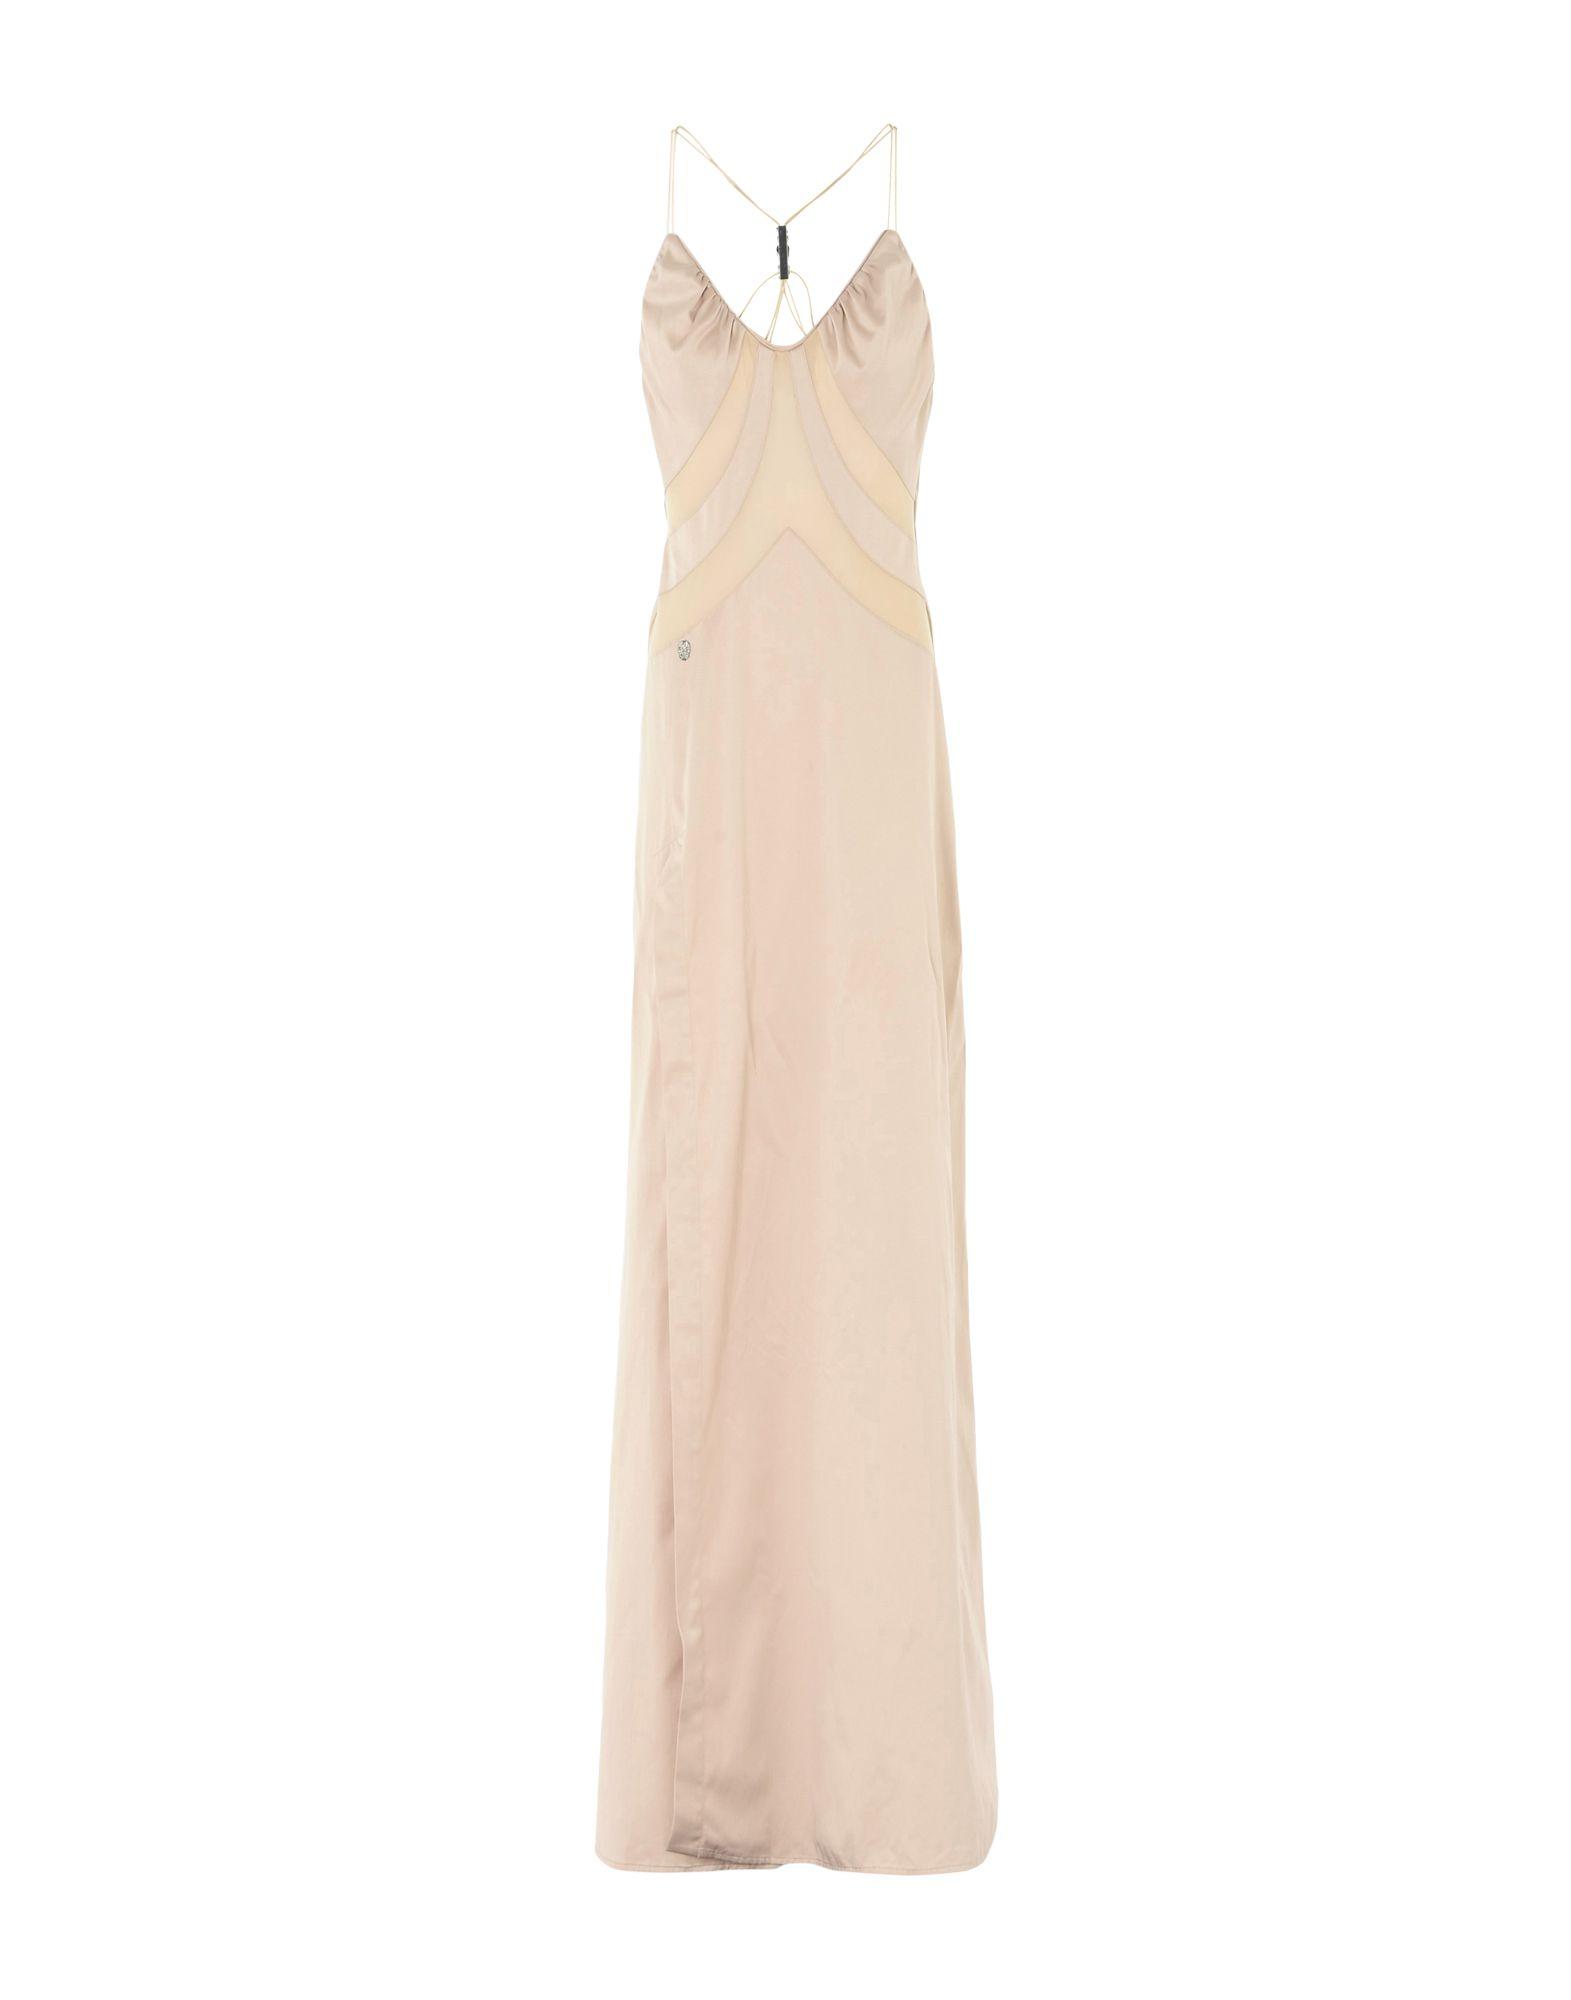 PHILIPP PLEIN Длинное платье платье короткое спереди длинное сзади летнее